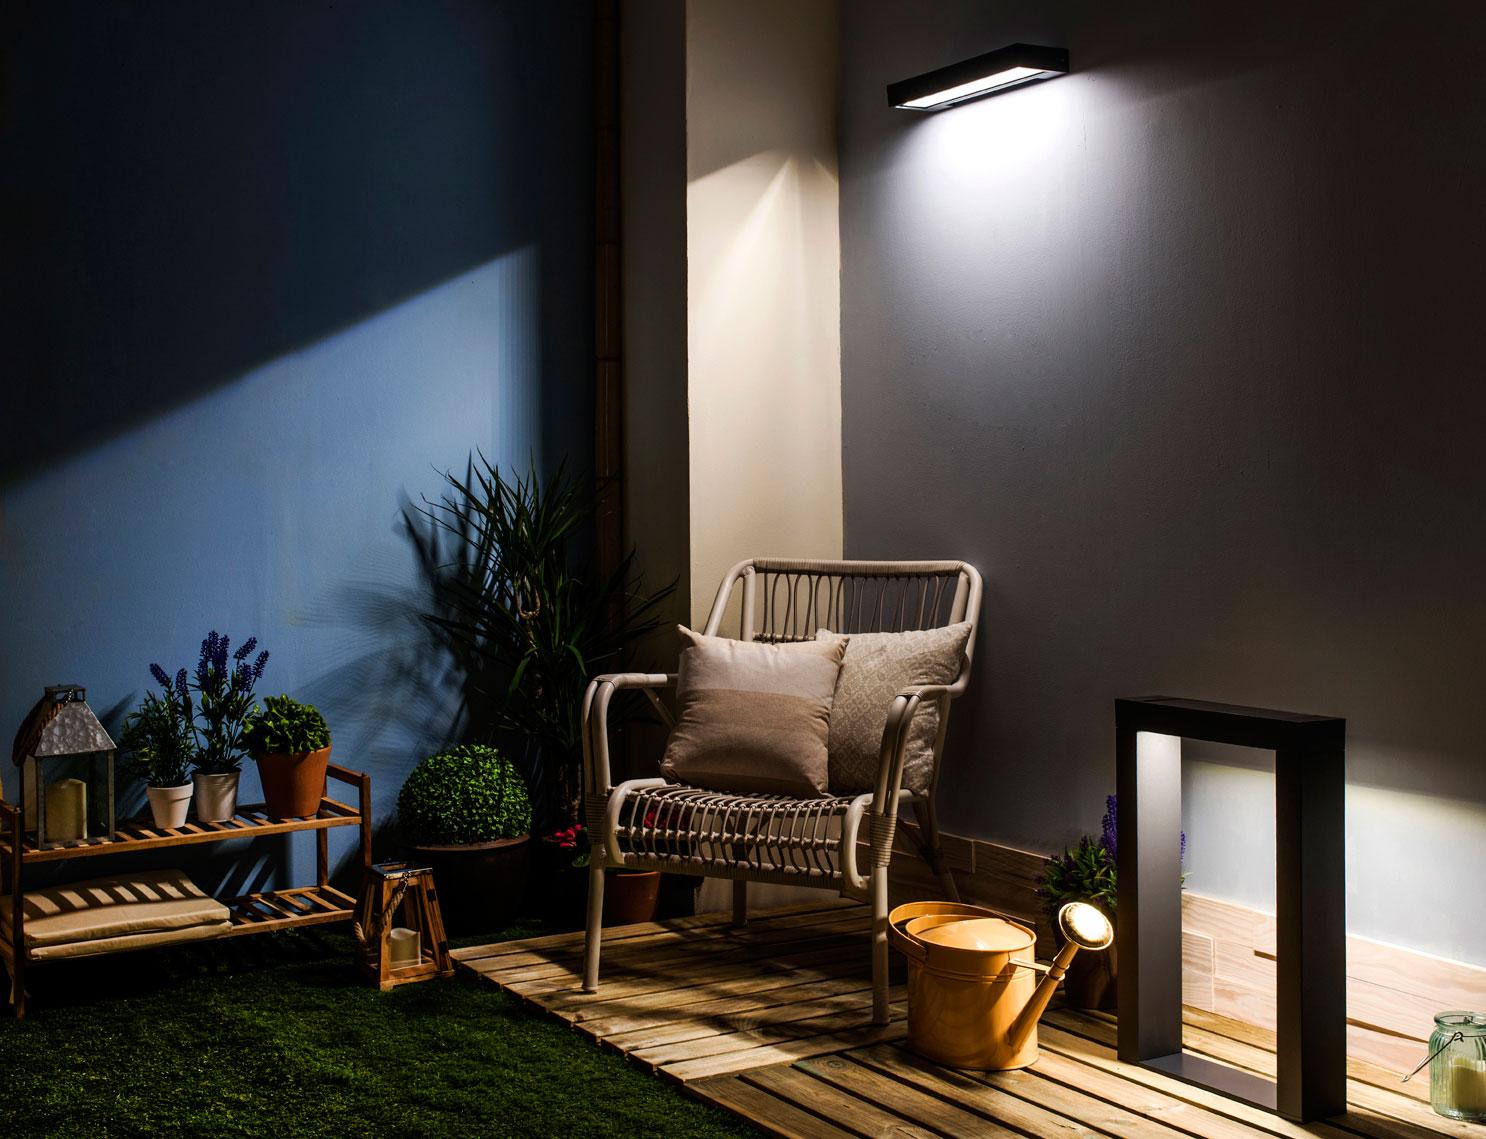 C mo elegir l mparas solares para iluminar el exterior hogarmania - Lamparas de comedor leroy merlin ...